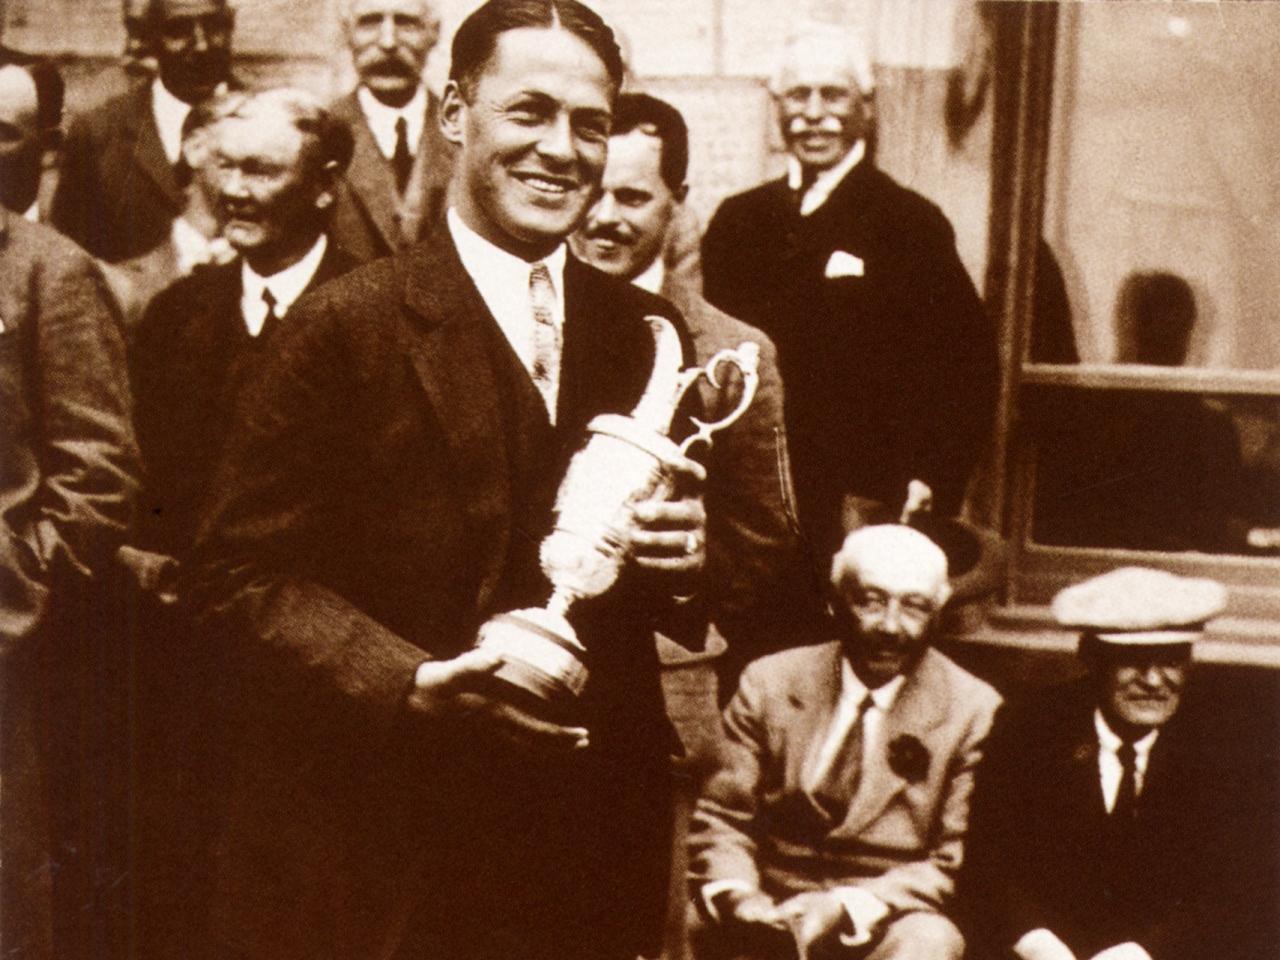 画像: 全英OP・全米OP・全英アマ・全米アマのグランドスラムを達成、生涯アマチュアを貫いた球聖ボビー・ジョーンズ。マスターズトーナメントの創始者でもある